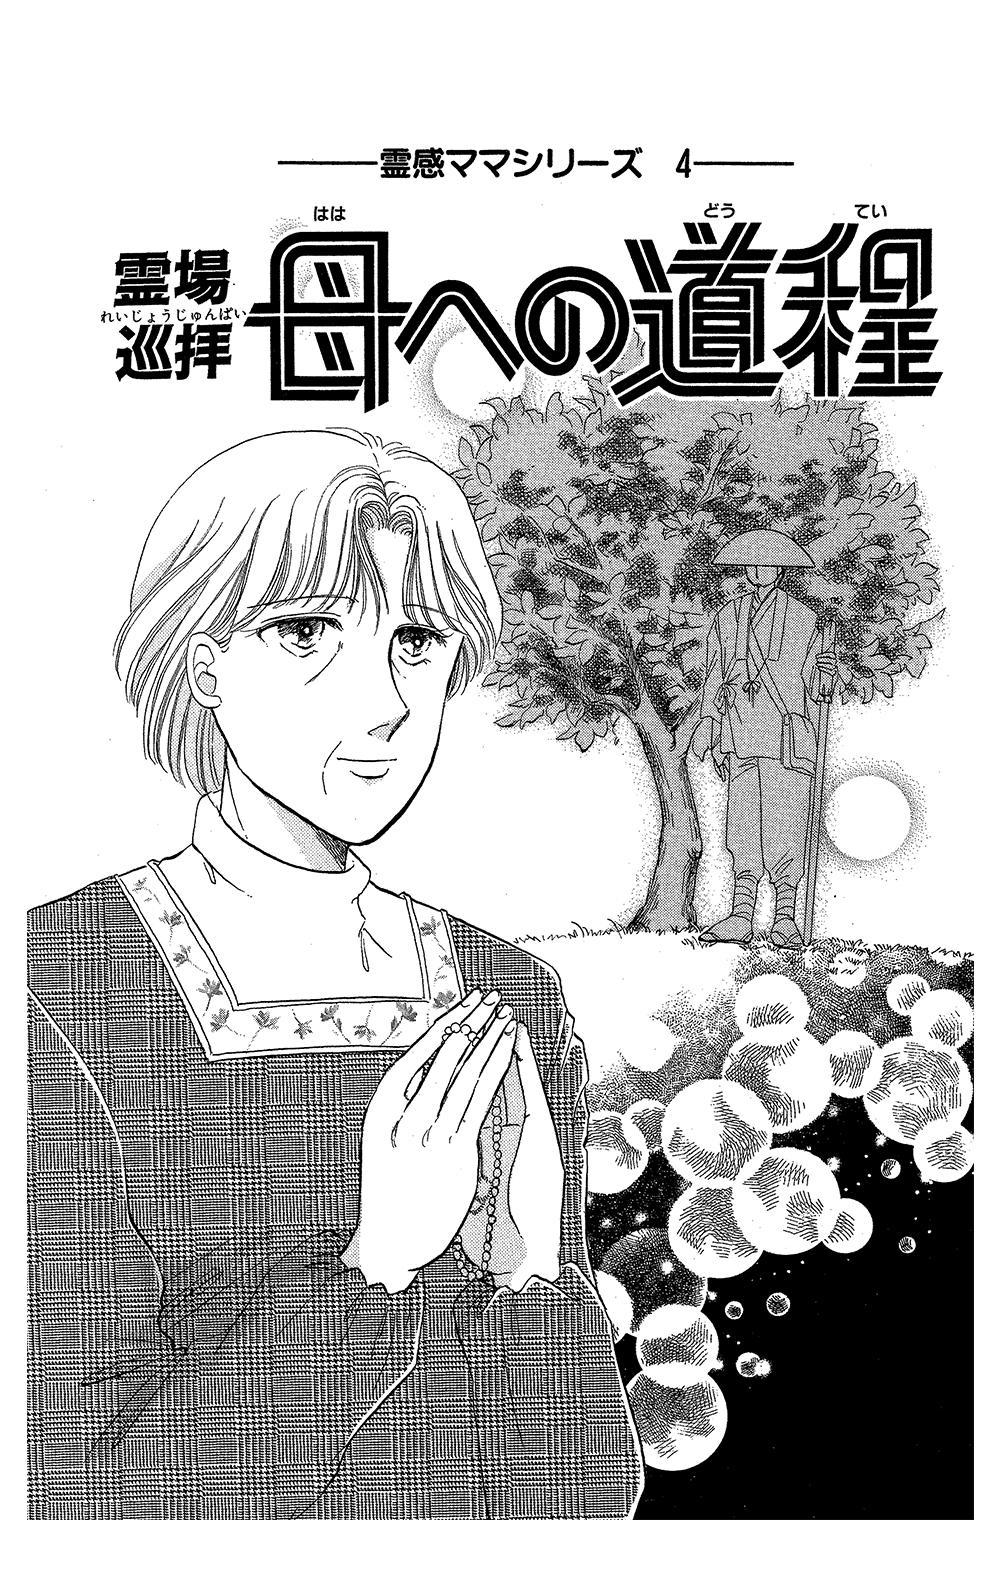 霊感ママシリーズ 第4話「母への道程」①reikanmama-03-97.jpg